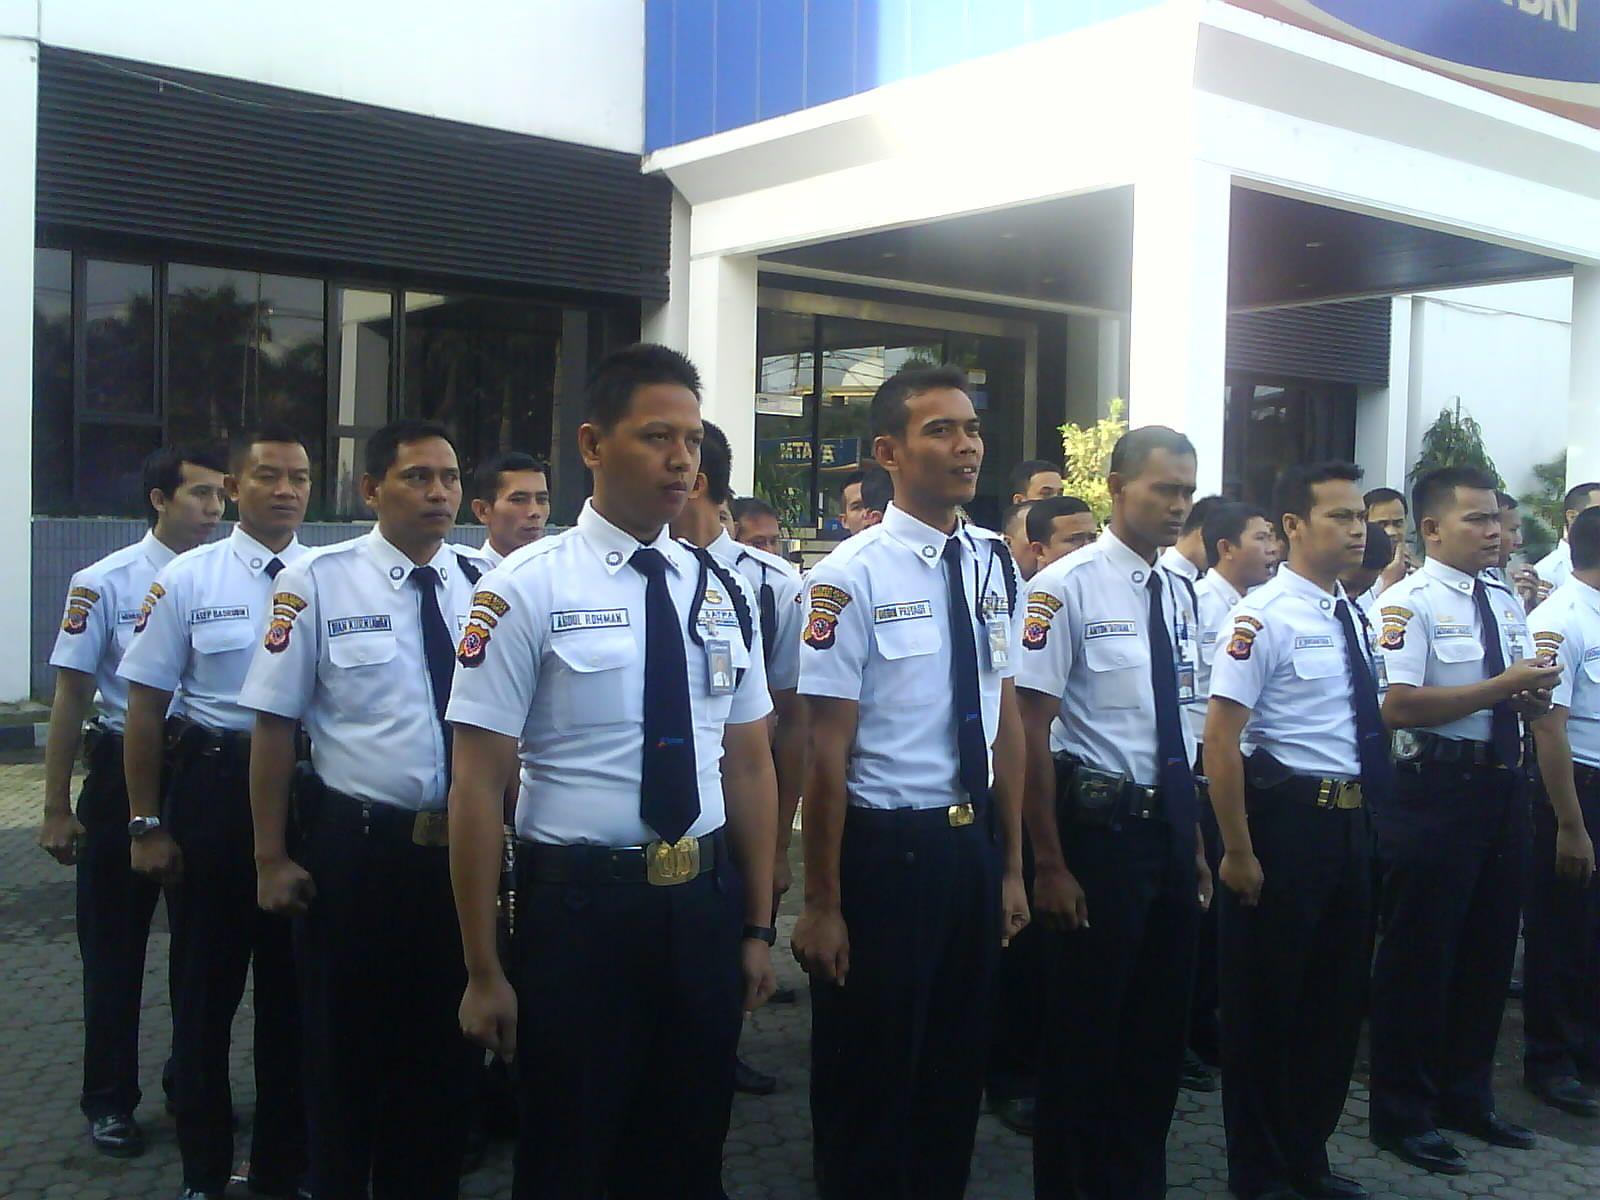 Lowongan Kerja Satpam Security Terbaru Di Lampung Http Www Karirbdl Com 2016 10 Lowongan Kerja Satpam Security Terbaru Html Kerja Pelampung Sma